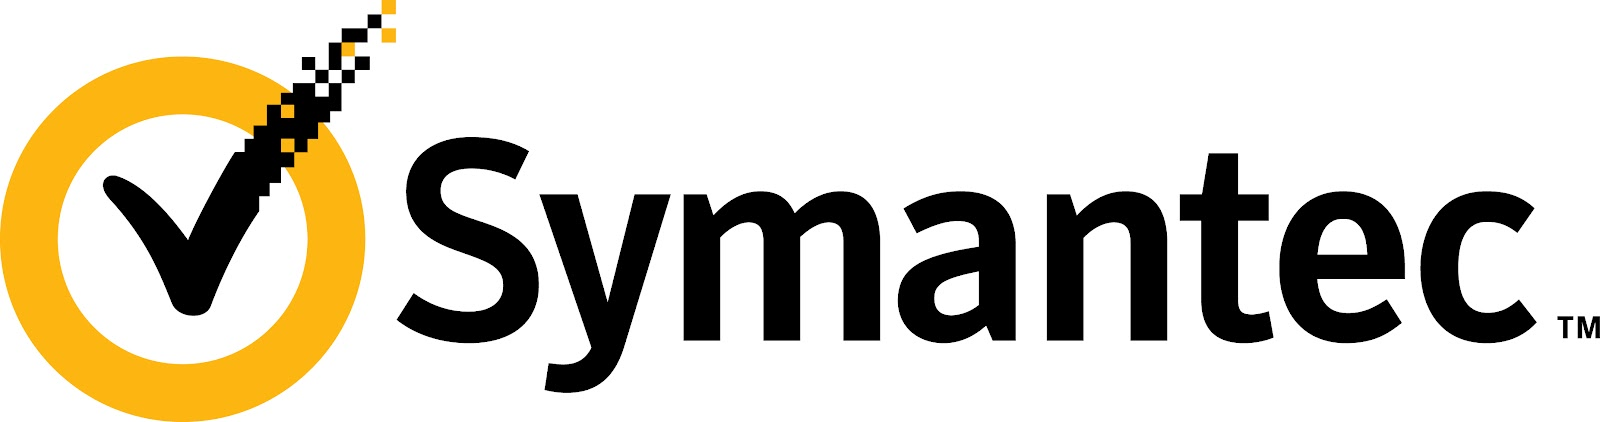 Symantec Cloud Security As A Service